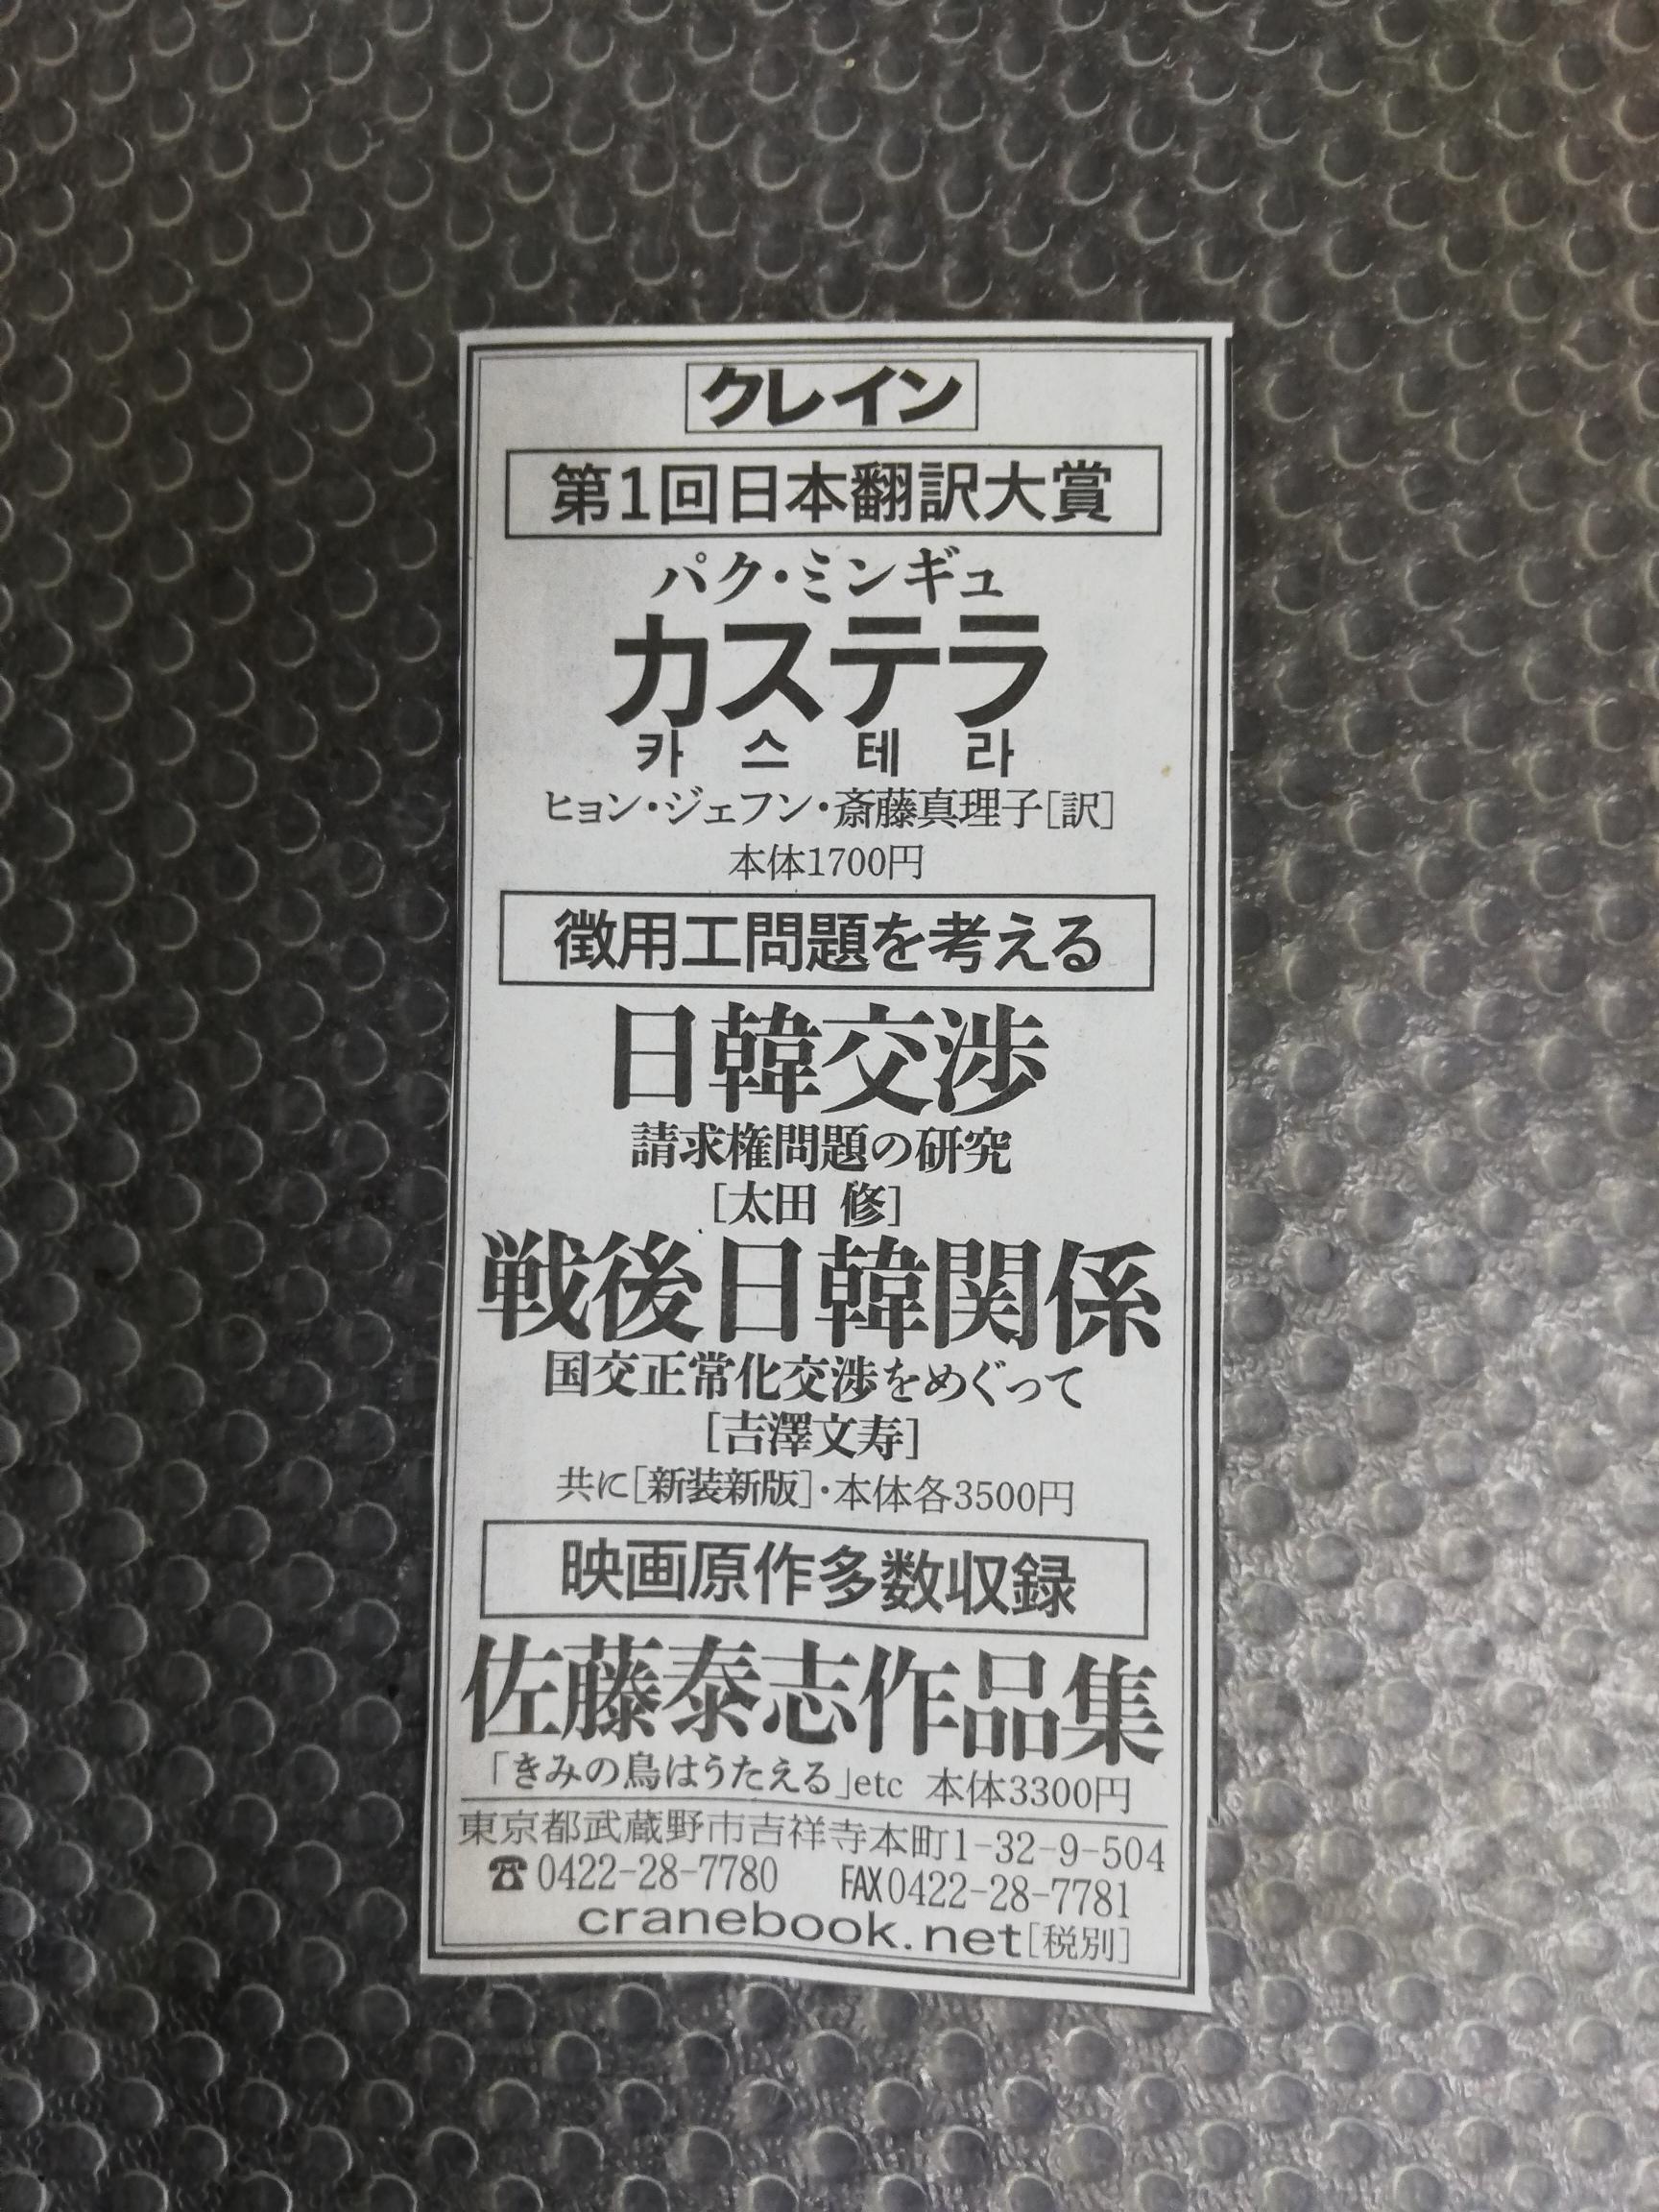 『東京新聞』2018年12月21日広告